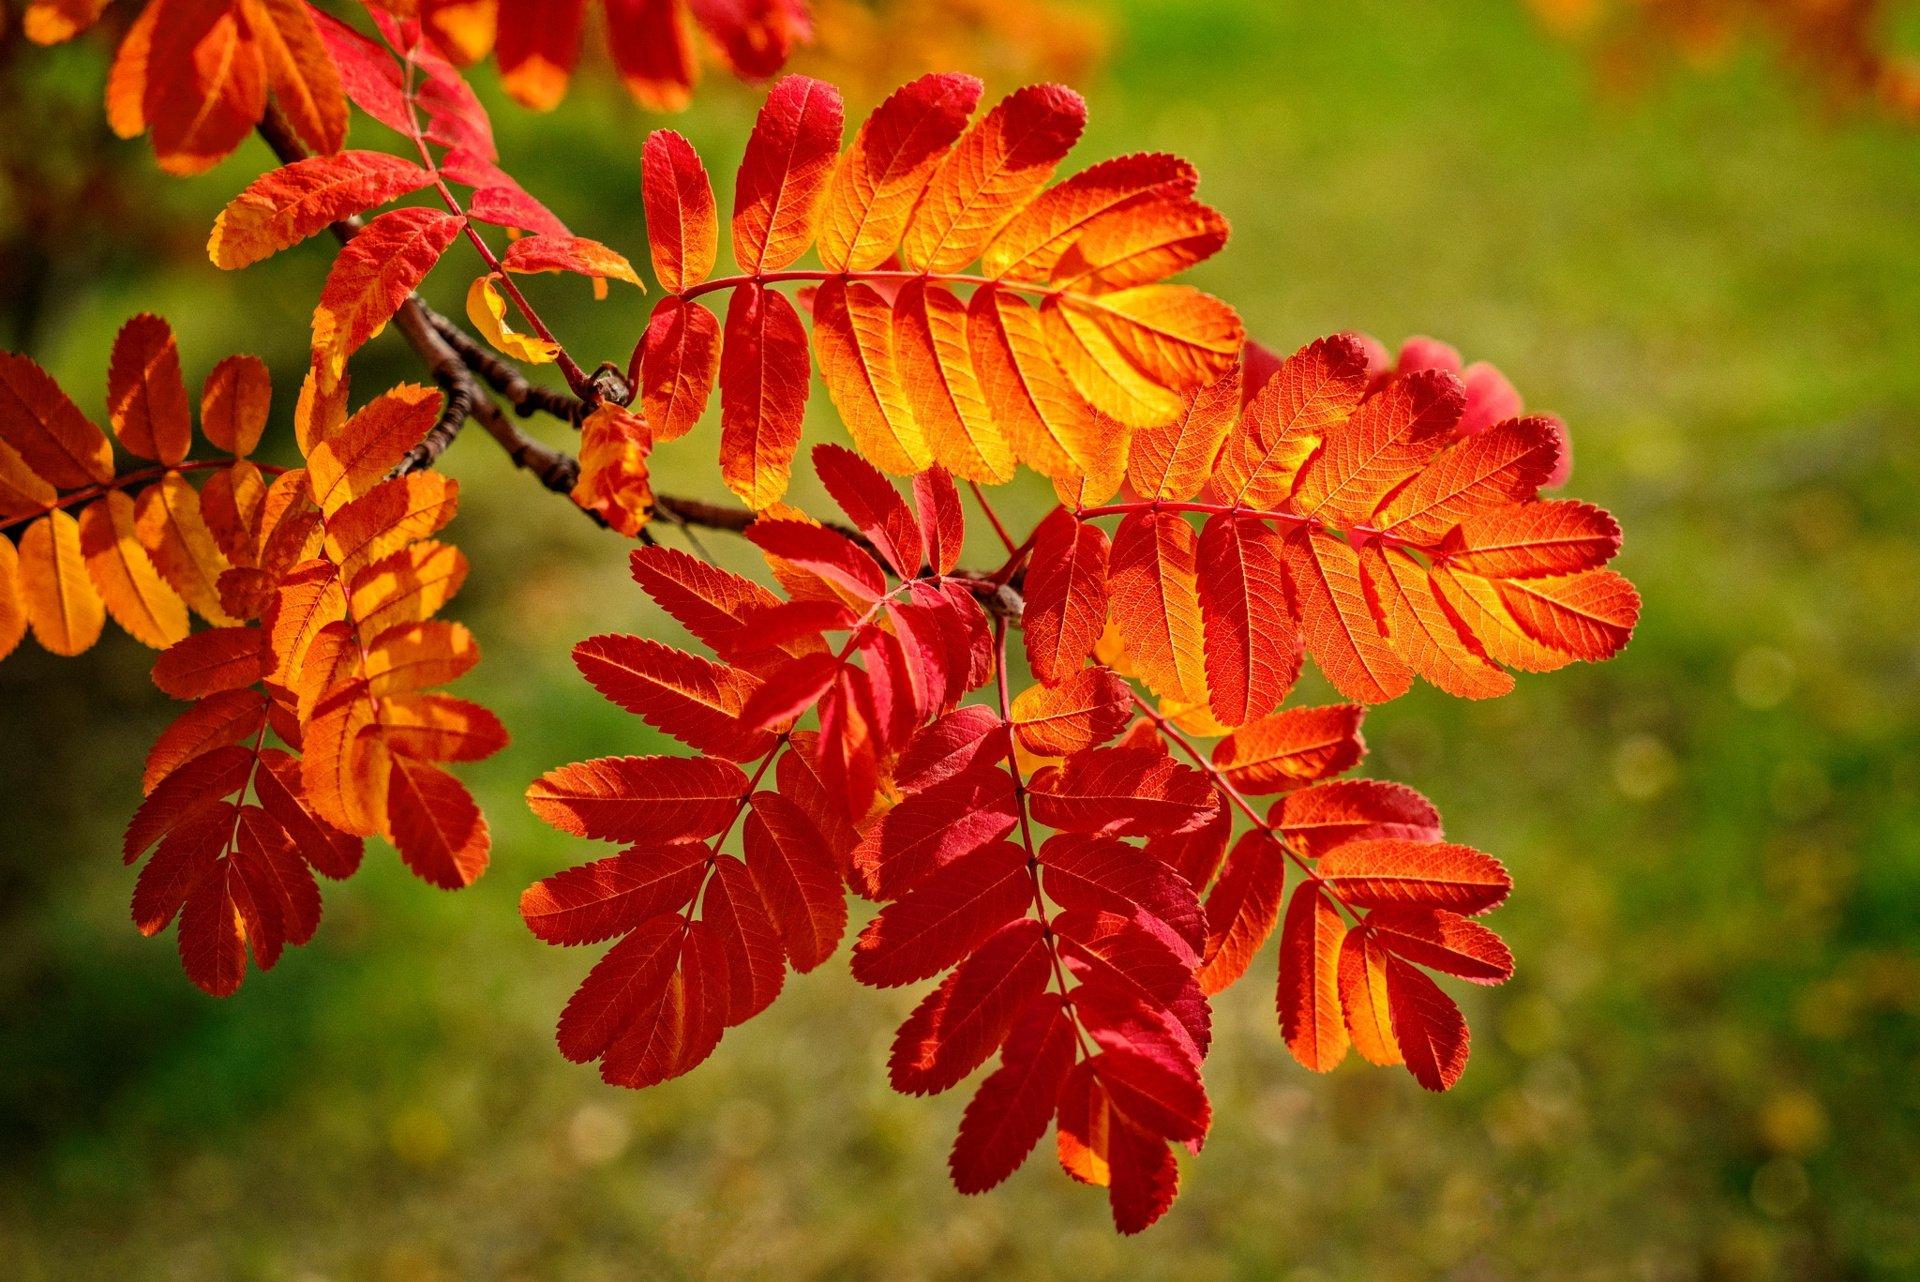 tải ảnh nền đẹp của chiếc lá